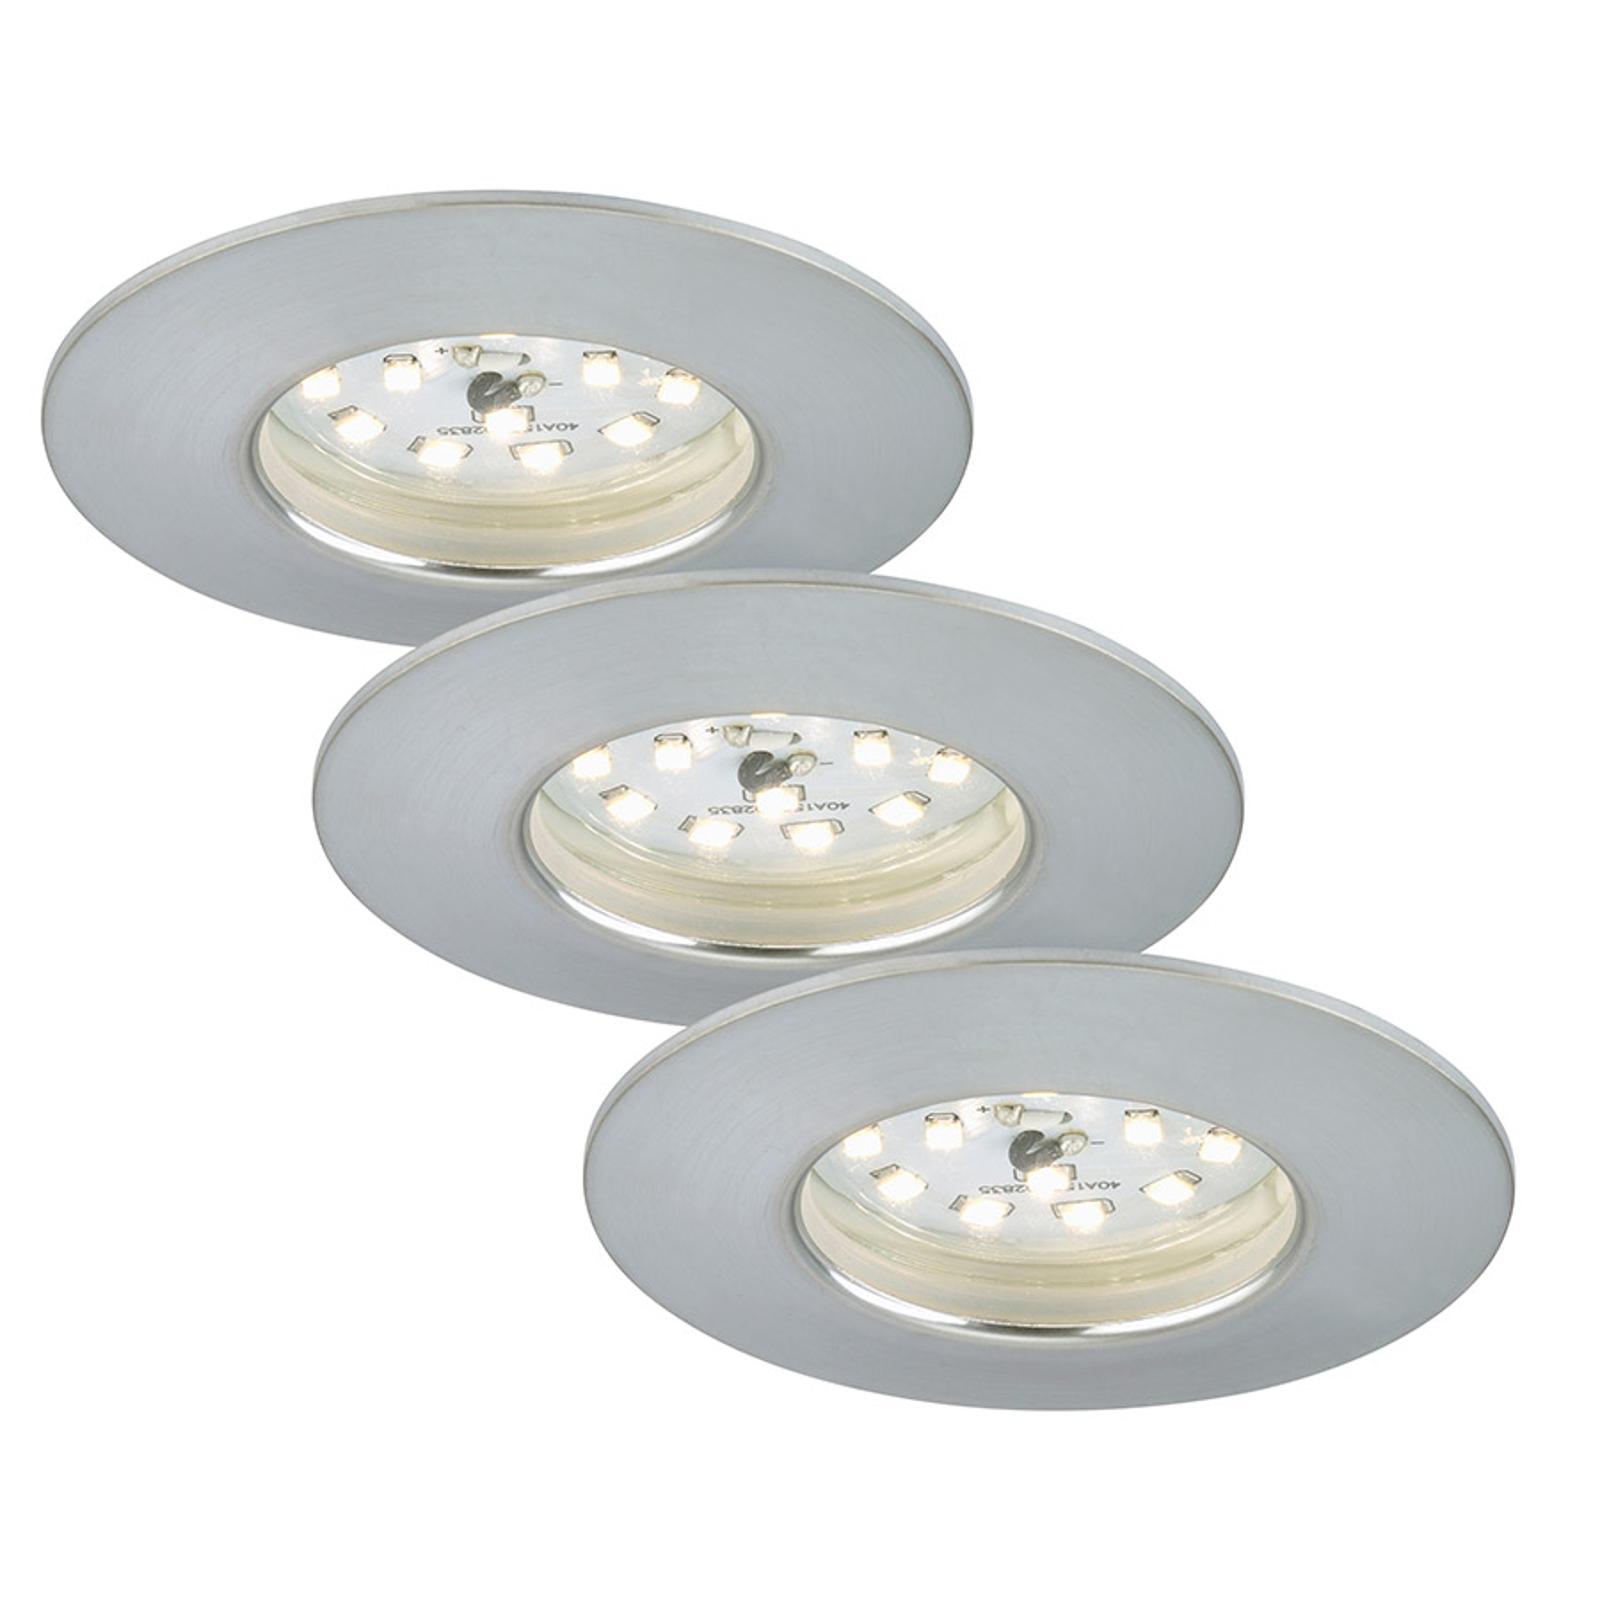 Felia LED-downlight IP44, alu, 3er sett